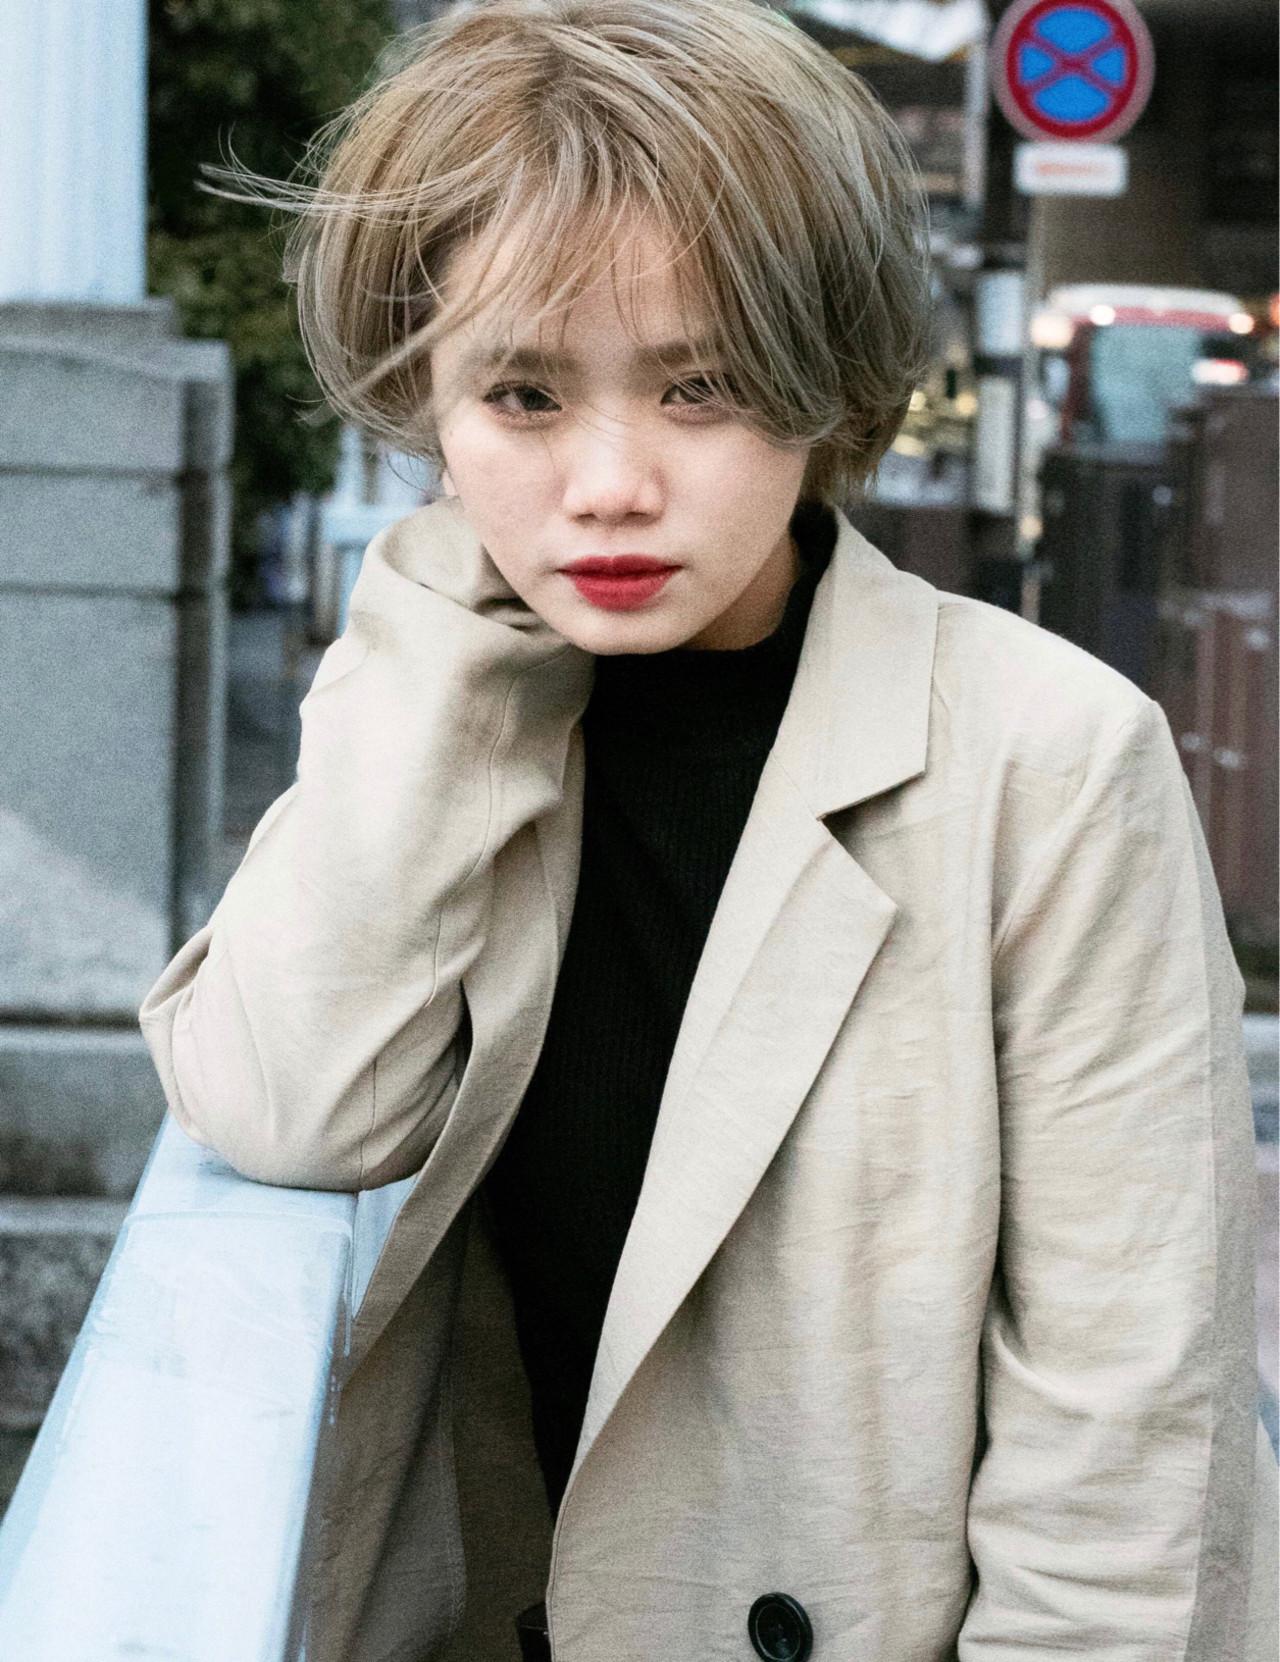 ショート ハンサムショート ホワイトハイライト ショートボブ ヘアスタイルや髪型の写真・画像 | ニシモリ ショウヘイ / 583koyomi